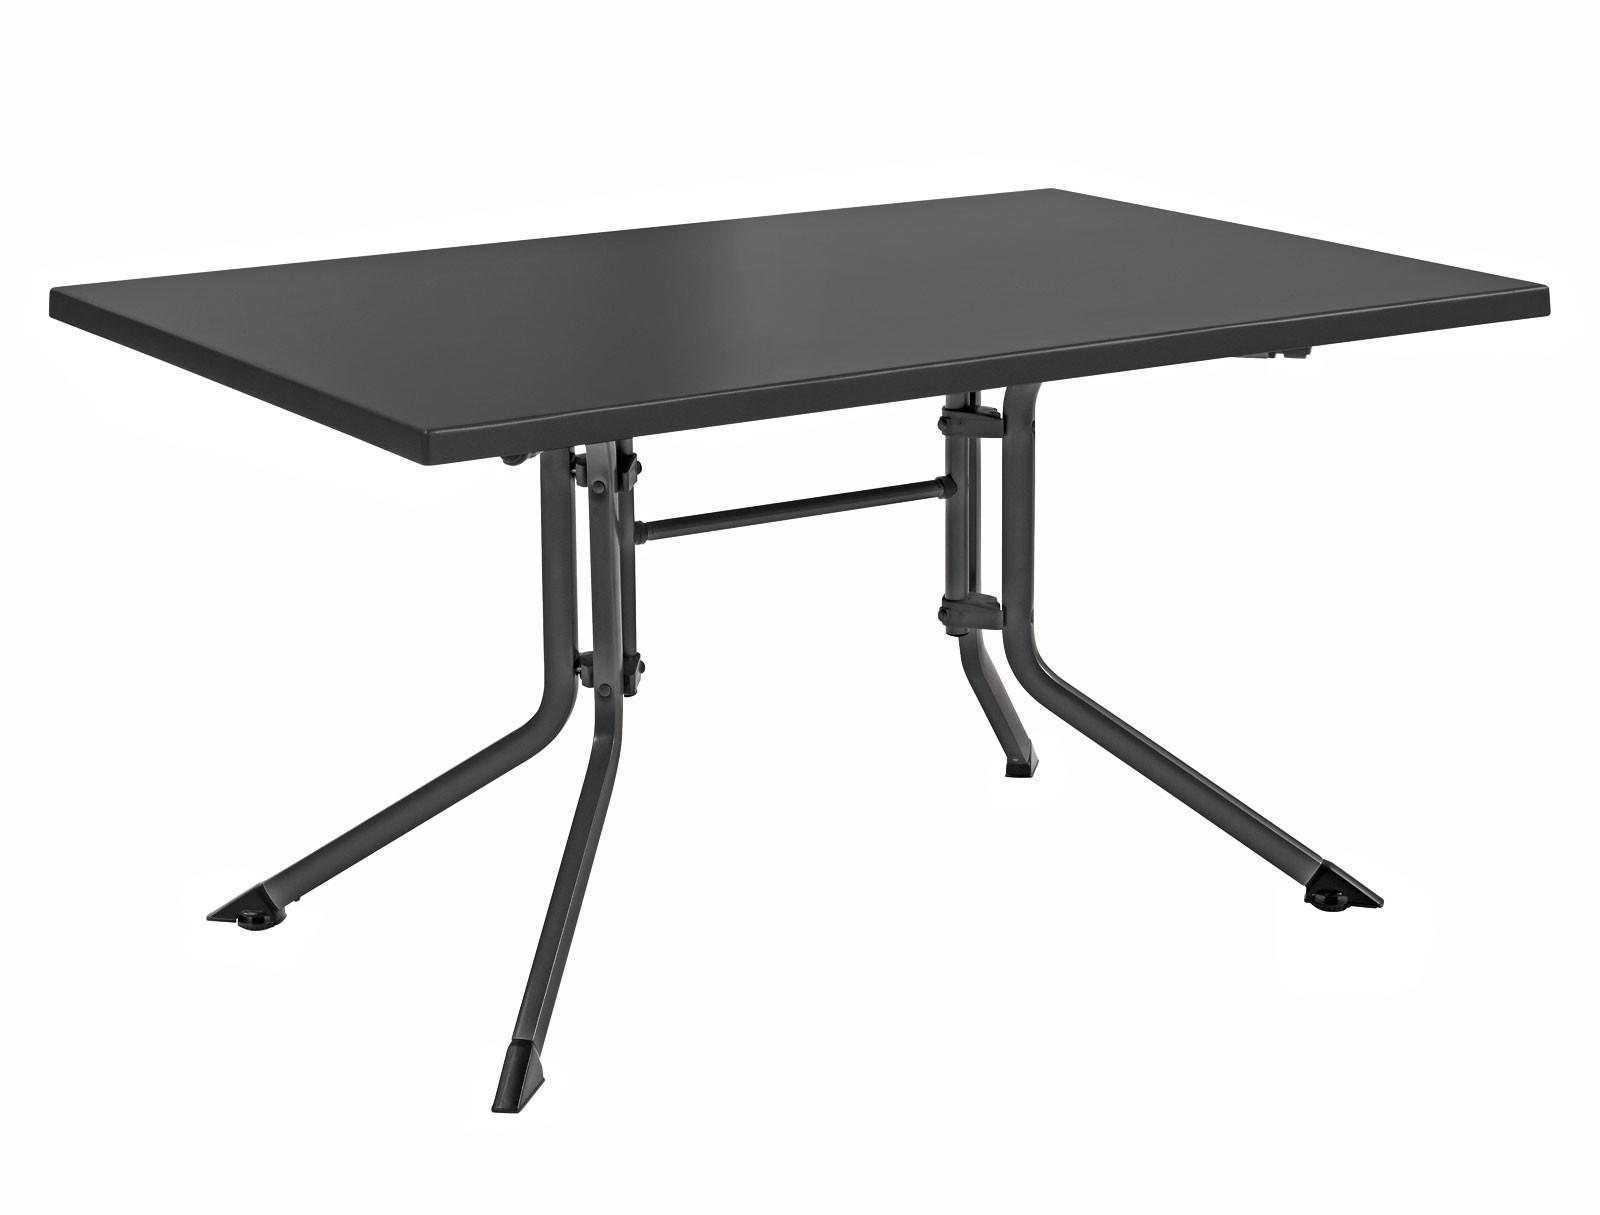 kettler gartentisch 0307026 7000 klappbar kettalux 115x70cm anthrazit bei. Black Bedroom Furniture Sets. Home Design Ideas